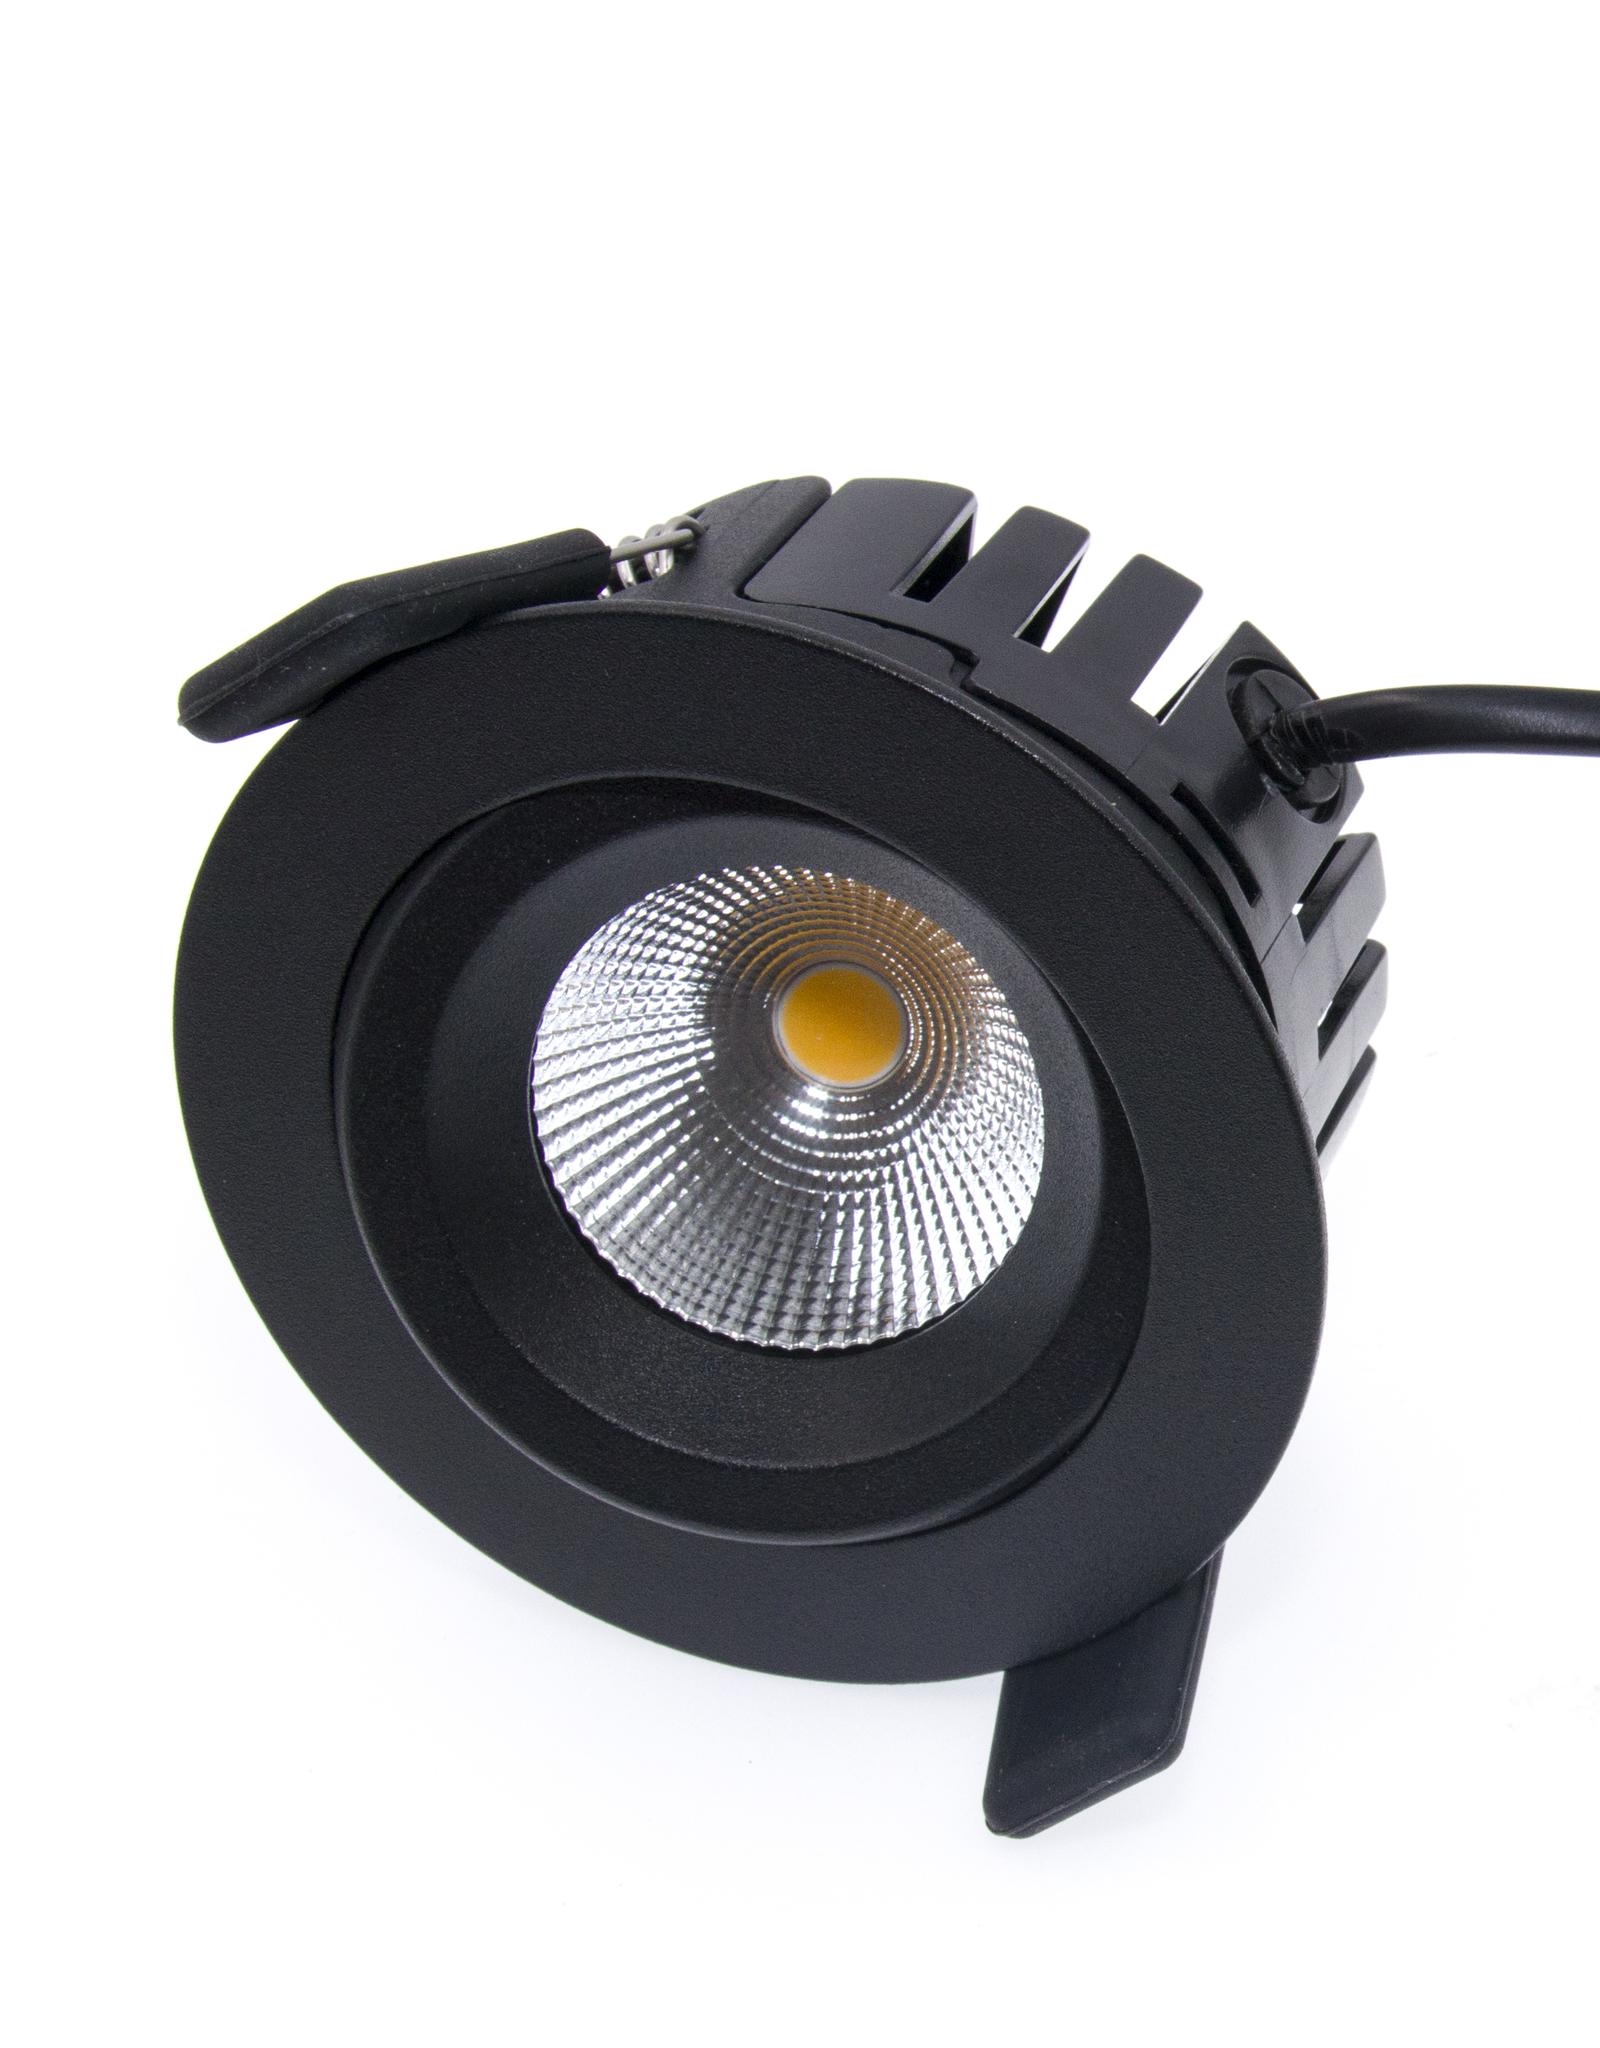 LedLed Tonny LED Kantelspot  Rond Zwart 1800-3000k